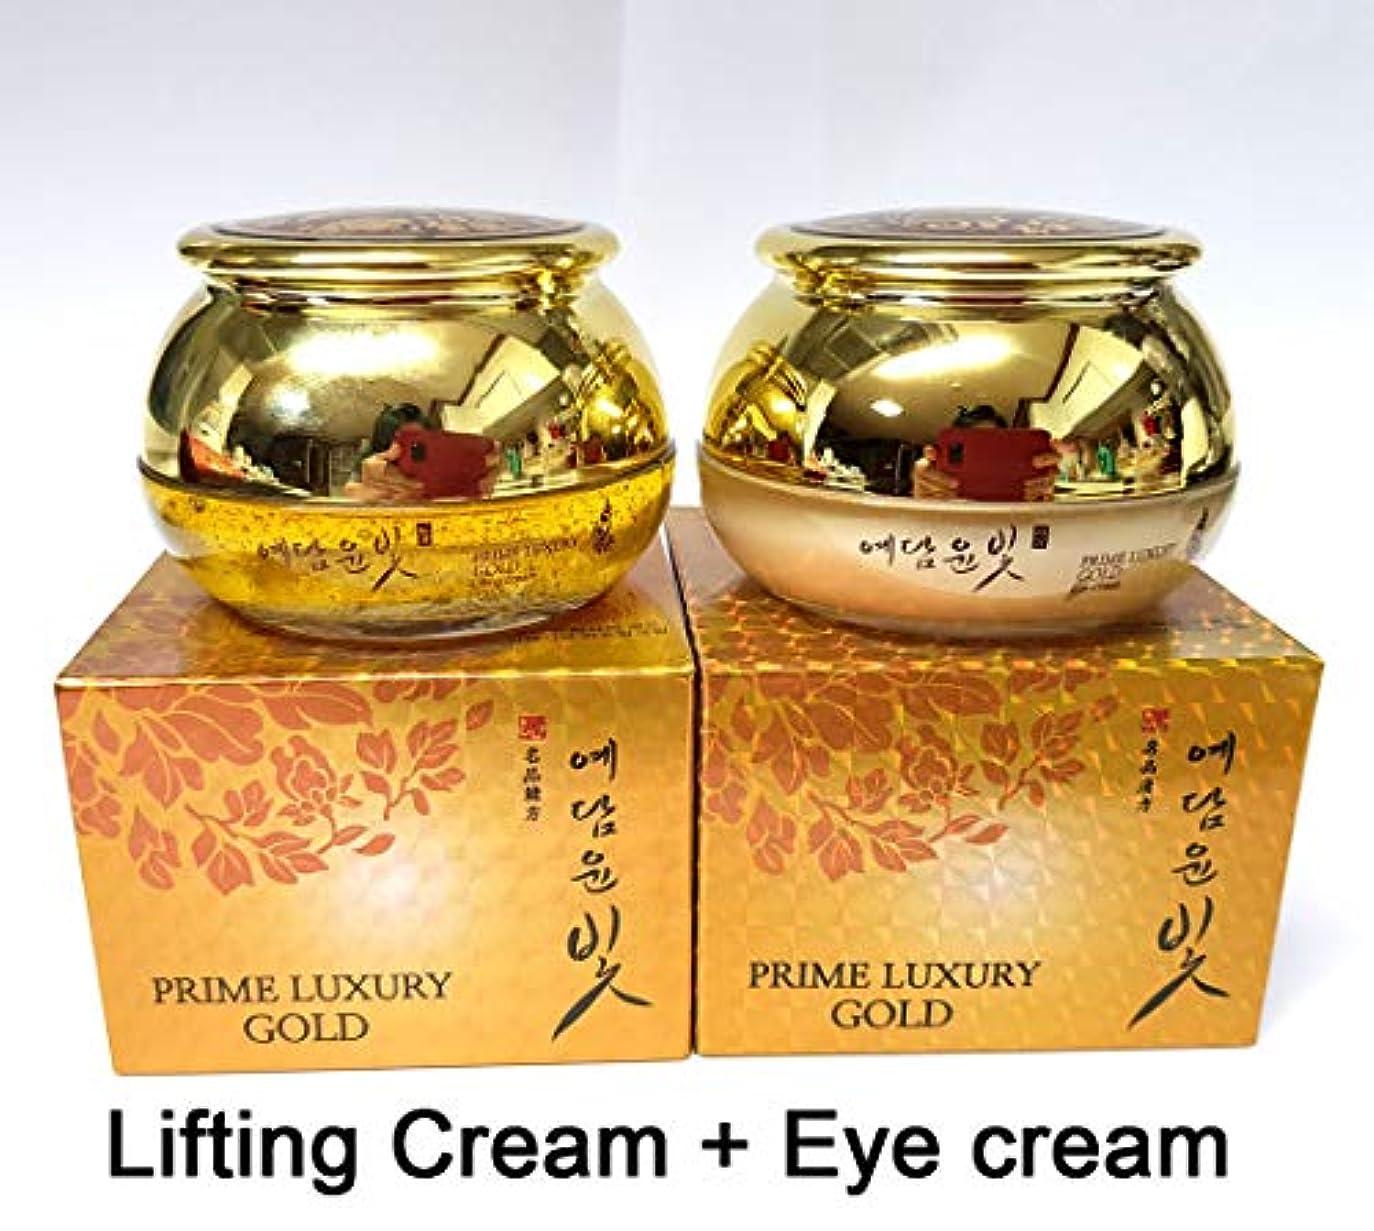 複製コンパス観客[YEDAM YUNBIT]プライムラグジュアリーゴールドリフティングクリーム50g + プライムラグジュアリーゴールドインテンシブアイクリーム50g/ Prime Luxury Gold Lifting Cream 50g + Gold Intensive Eye Cream 50g / シワケア、保湿/ゴールドエキス/wrinkle Care, moisturizing / gold extract / 韓国化粧品 / Korean Cosmetics [並行輸入品]